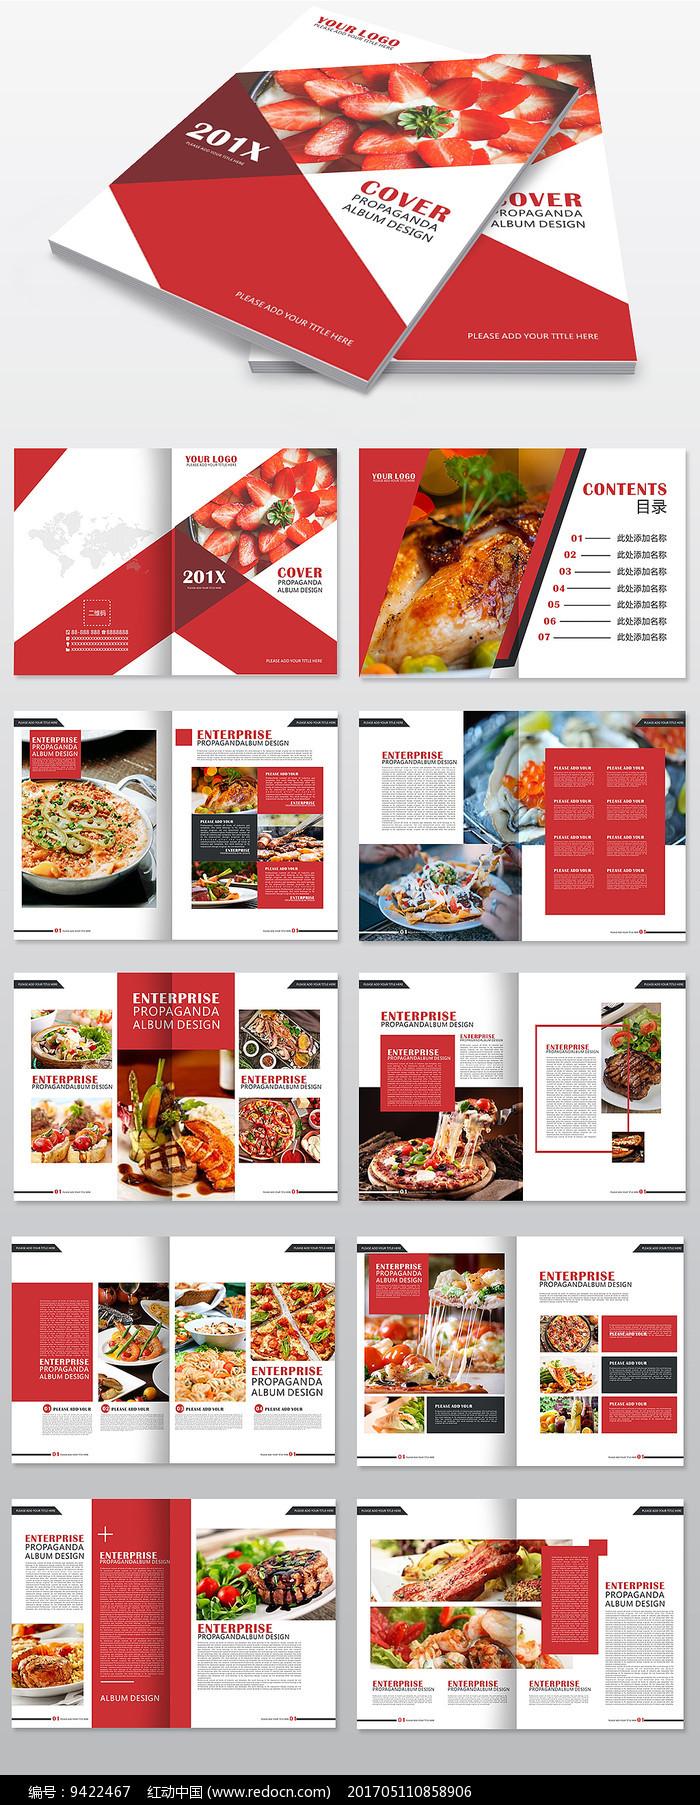 餐厅美食画册餐饮美食宣传册图片